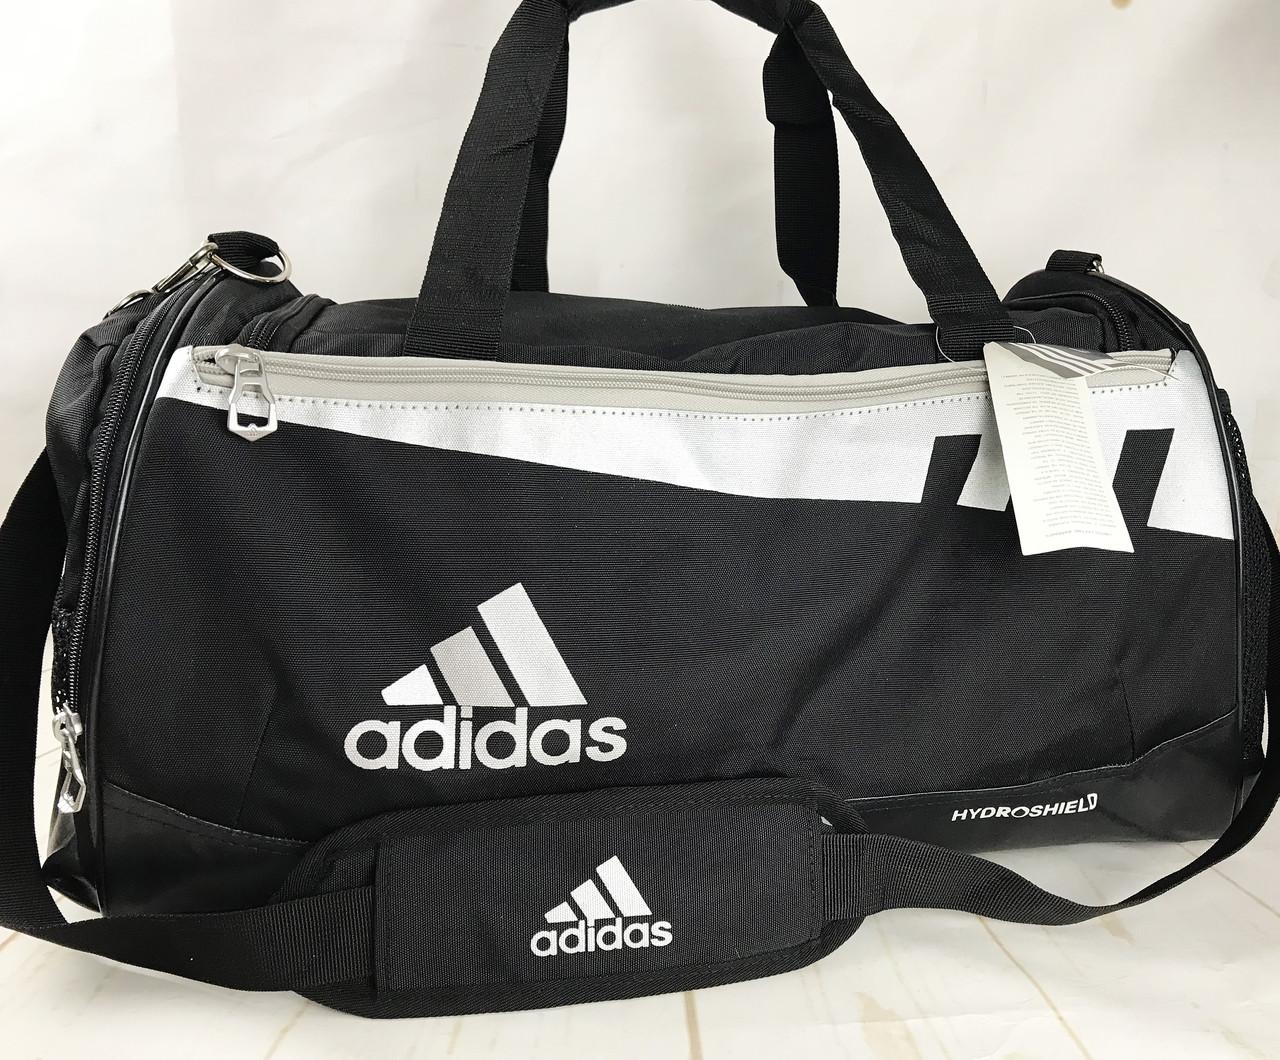 Спортивная сумка Adidas с отделом для обуви.Сумка для тренировок ,в спортзал.Дорожная сумка КСС14-2